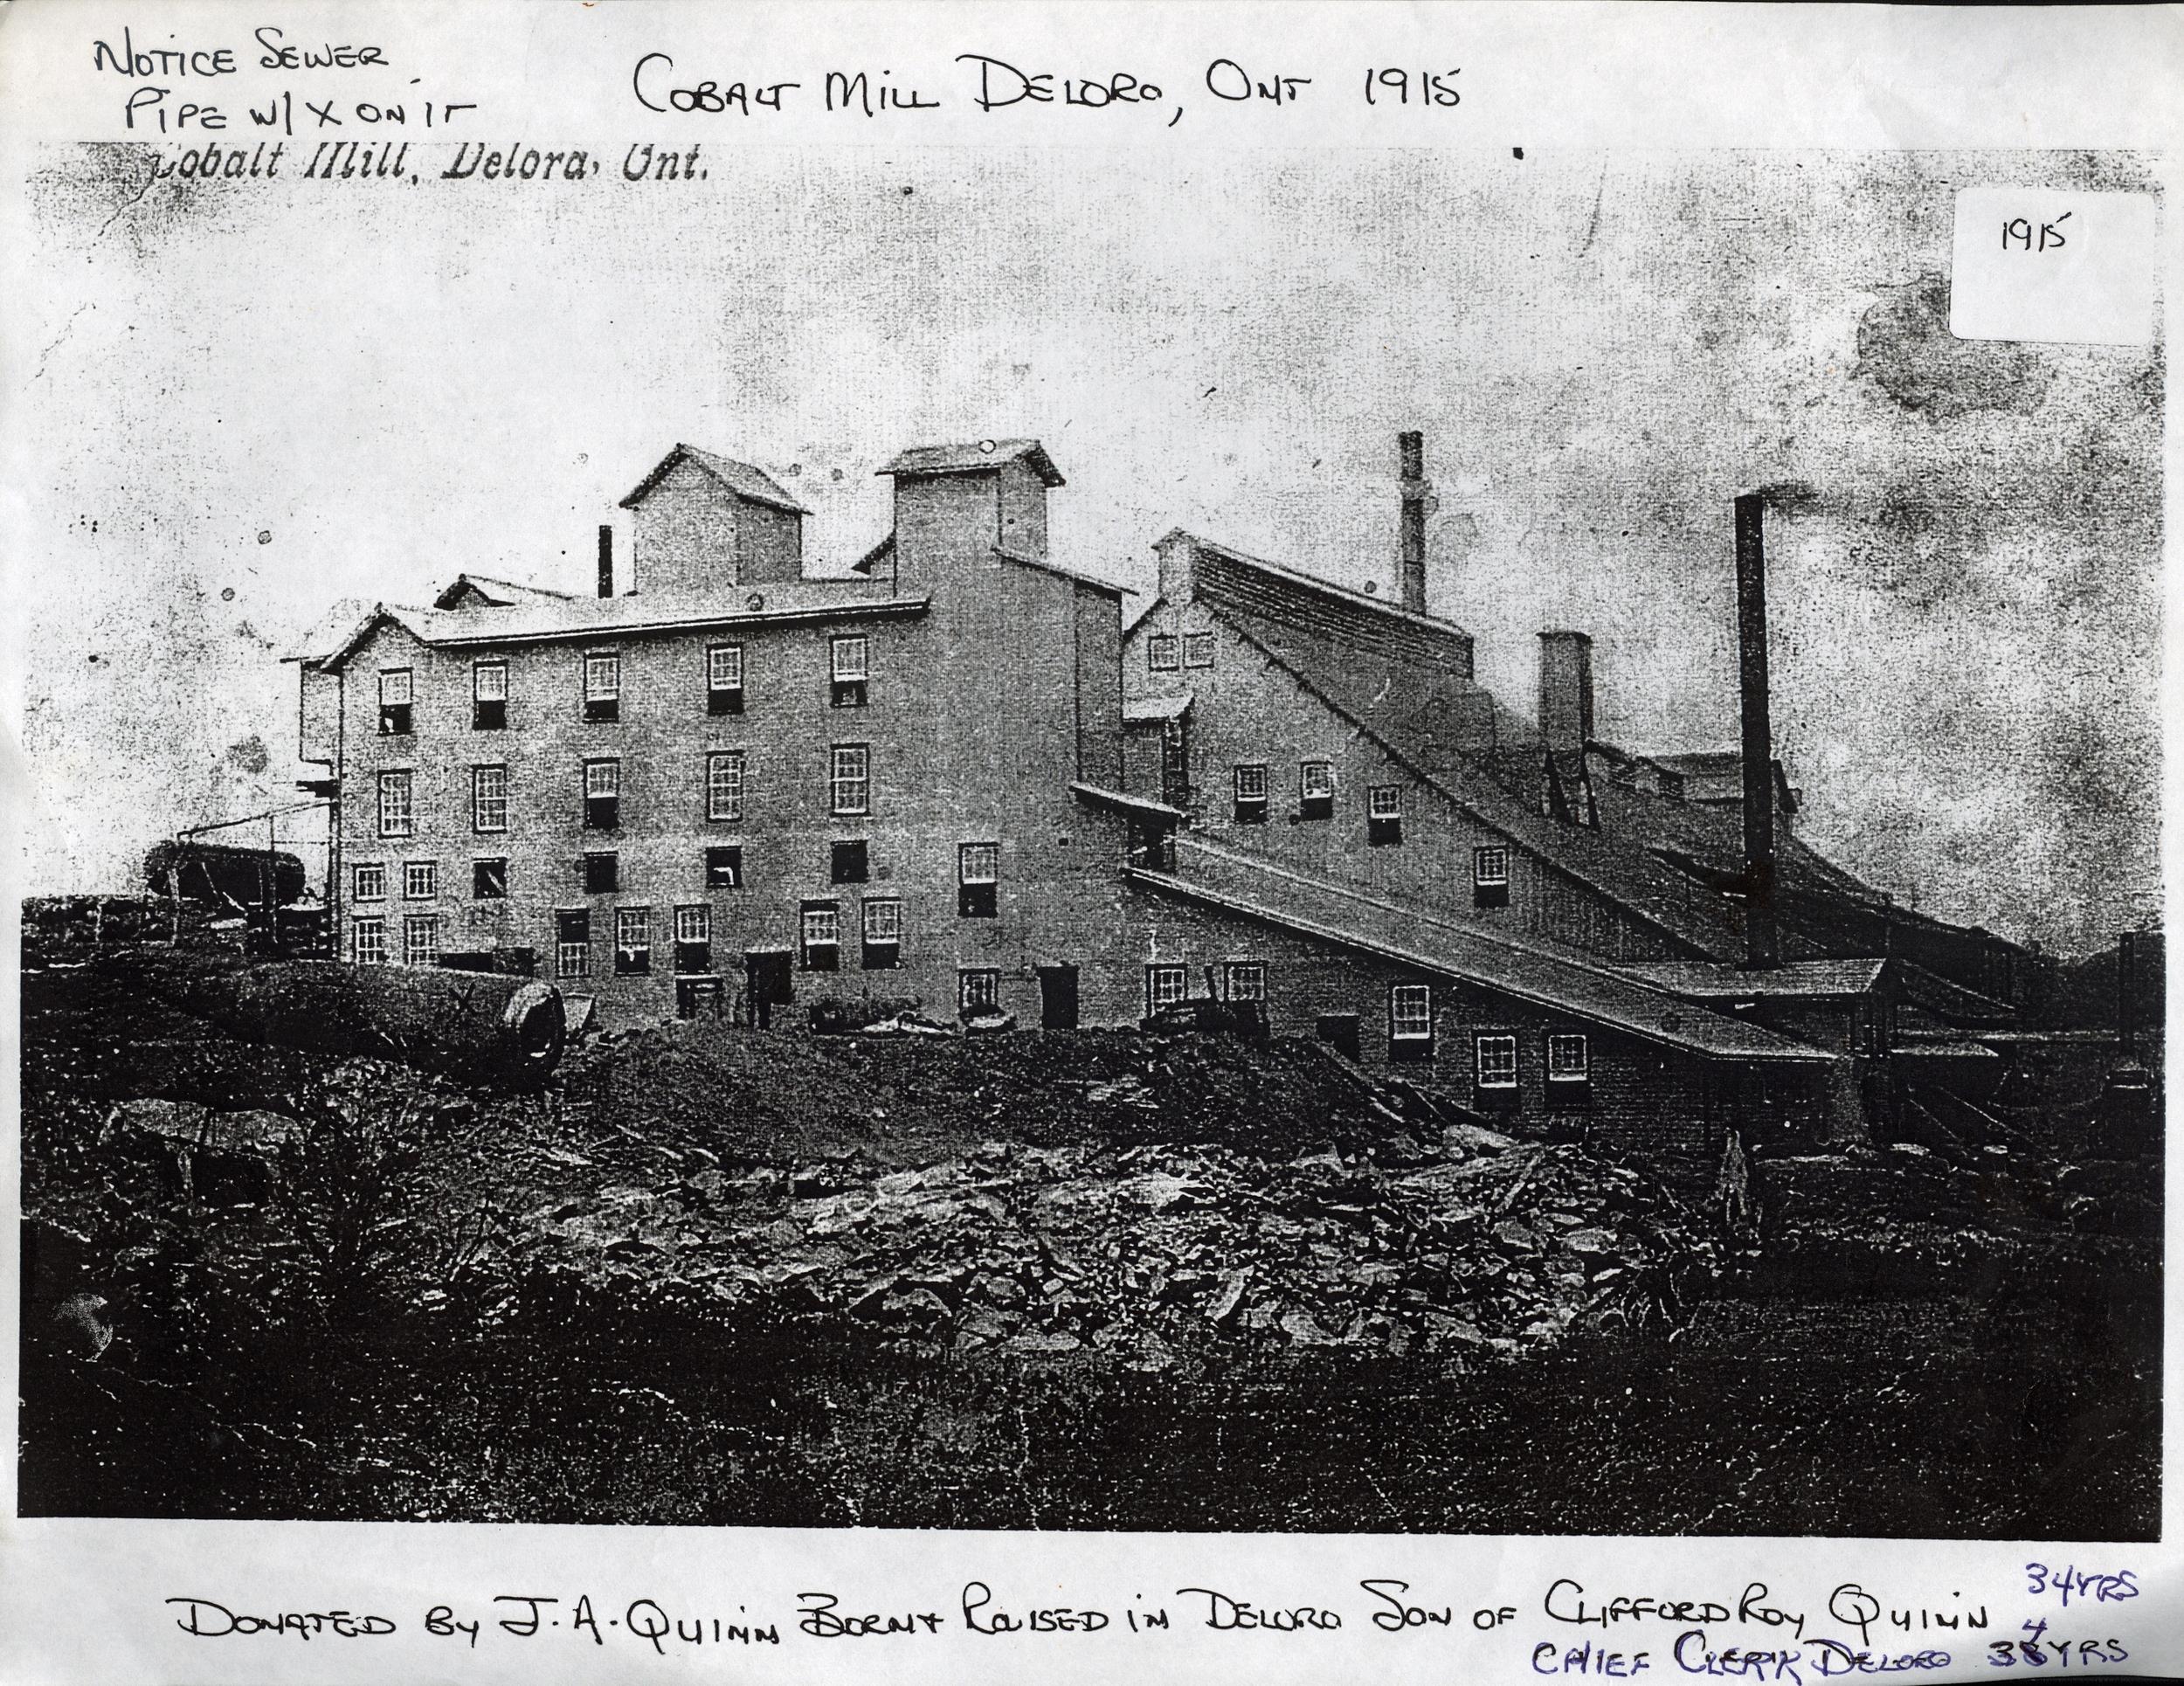 1915 Cobalt Mill, Deloro